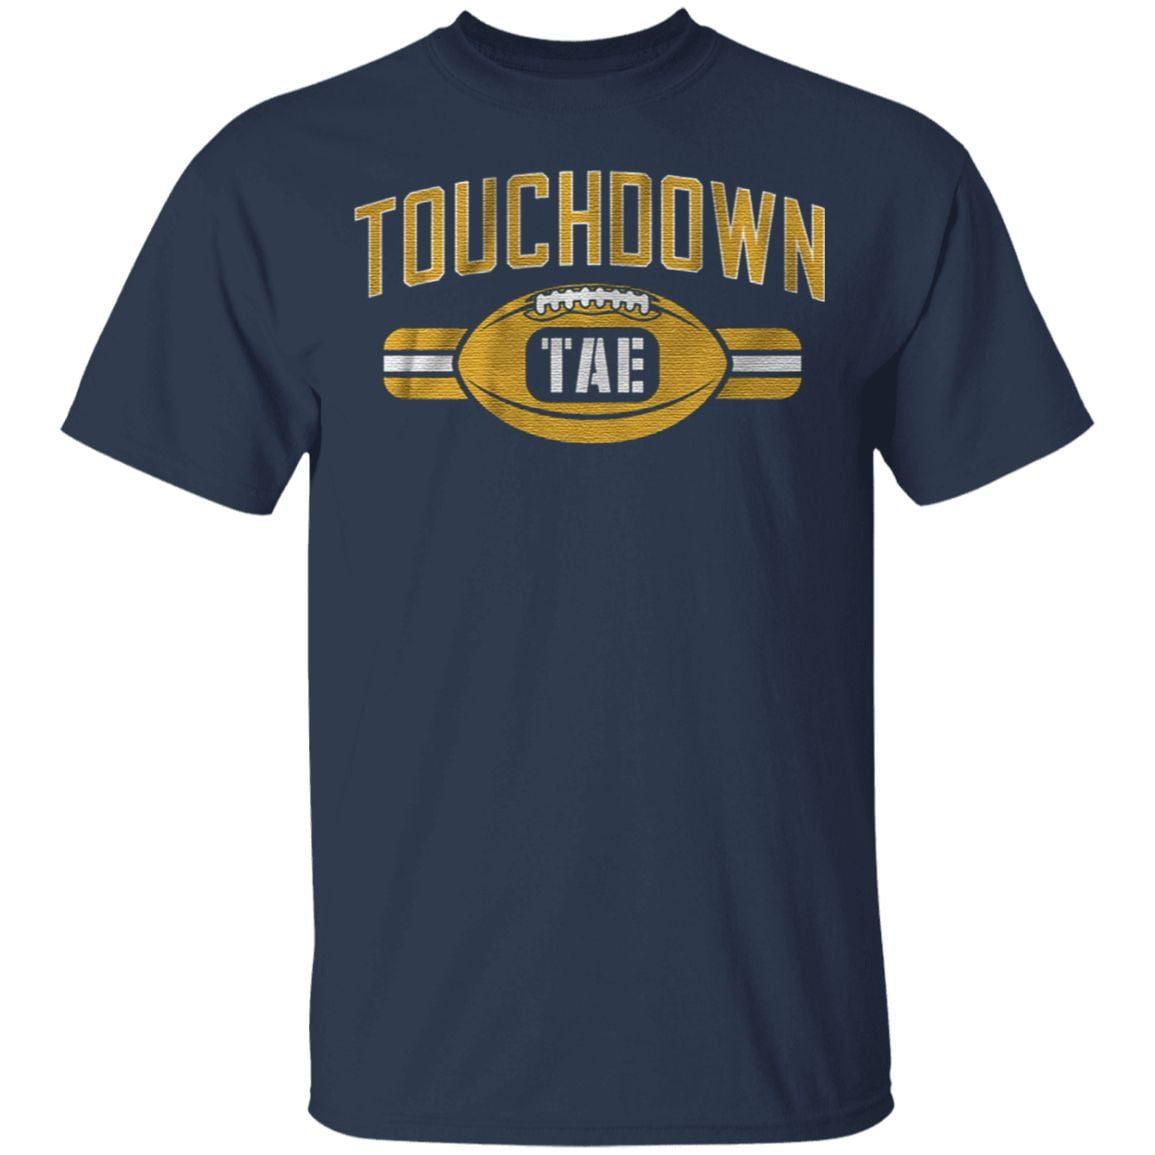 touchdown tae t shirt